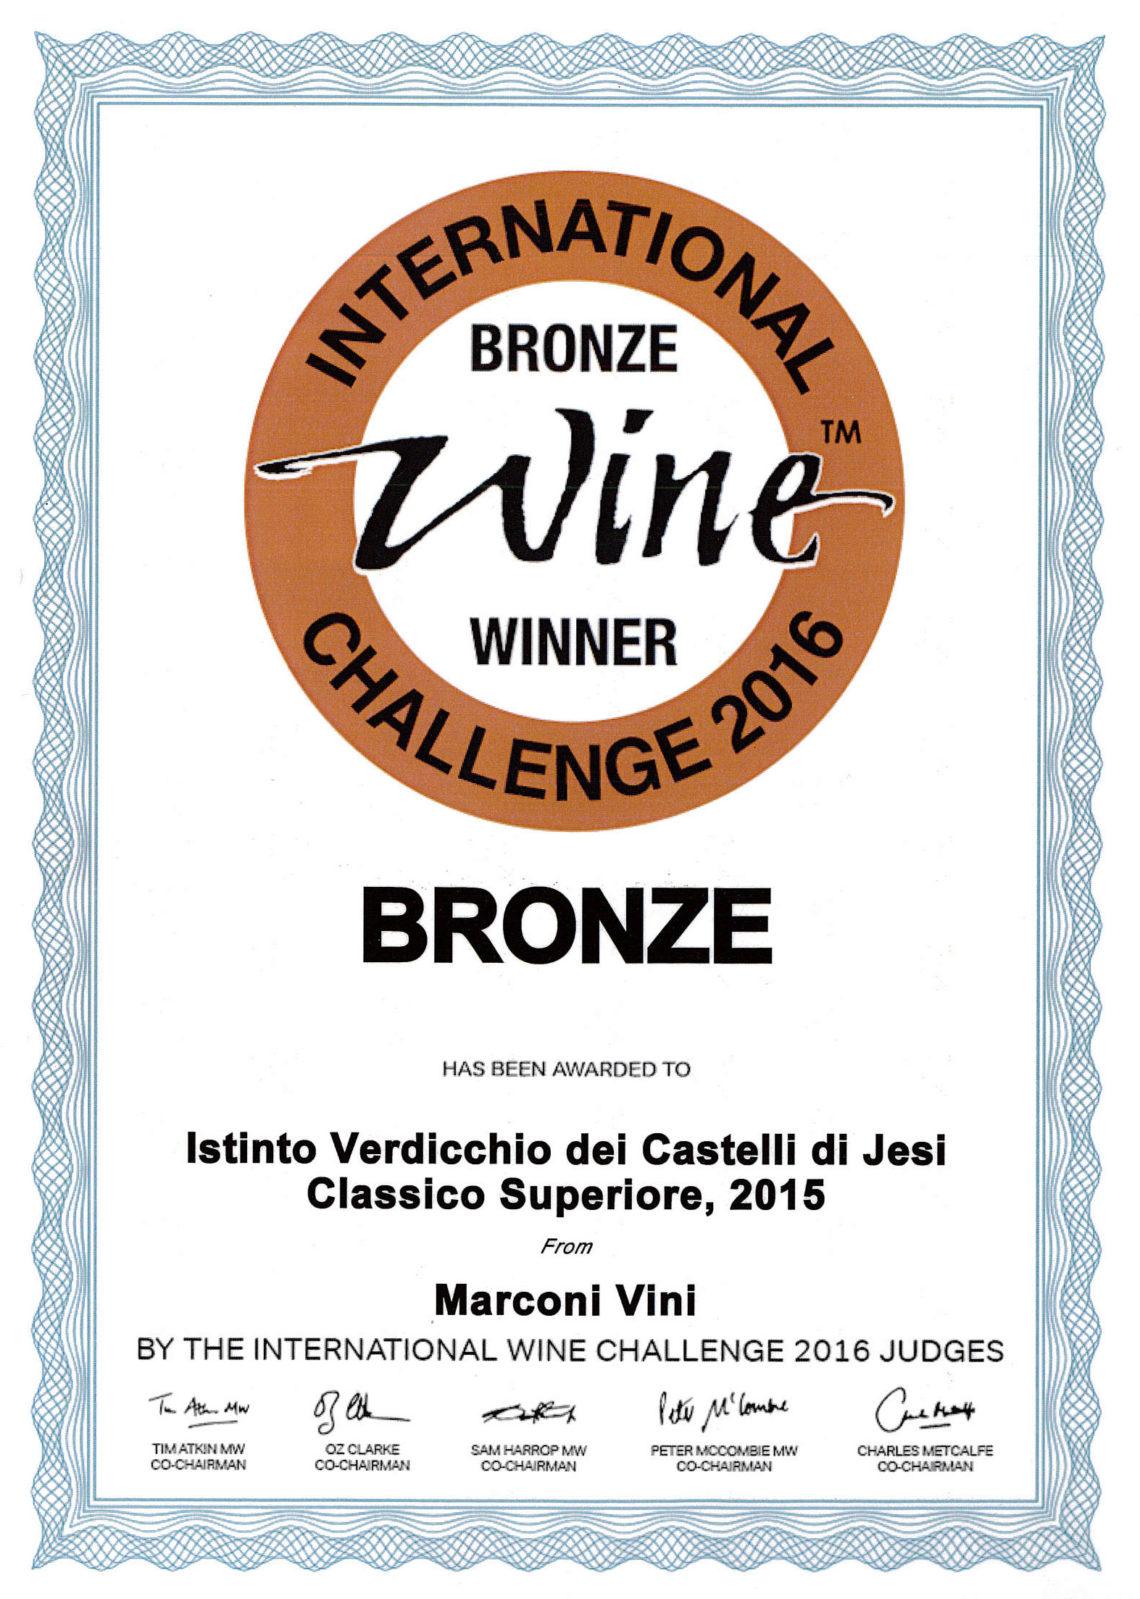 Marconi Vini - Verdicchio dei Castelli di Jesi Classico Superiore 2015 - Istinto - Bronze - International Wine Challenge 2016